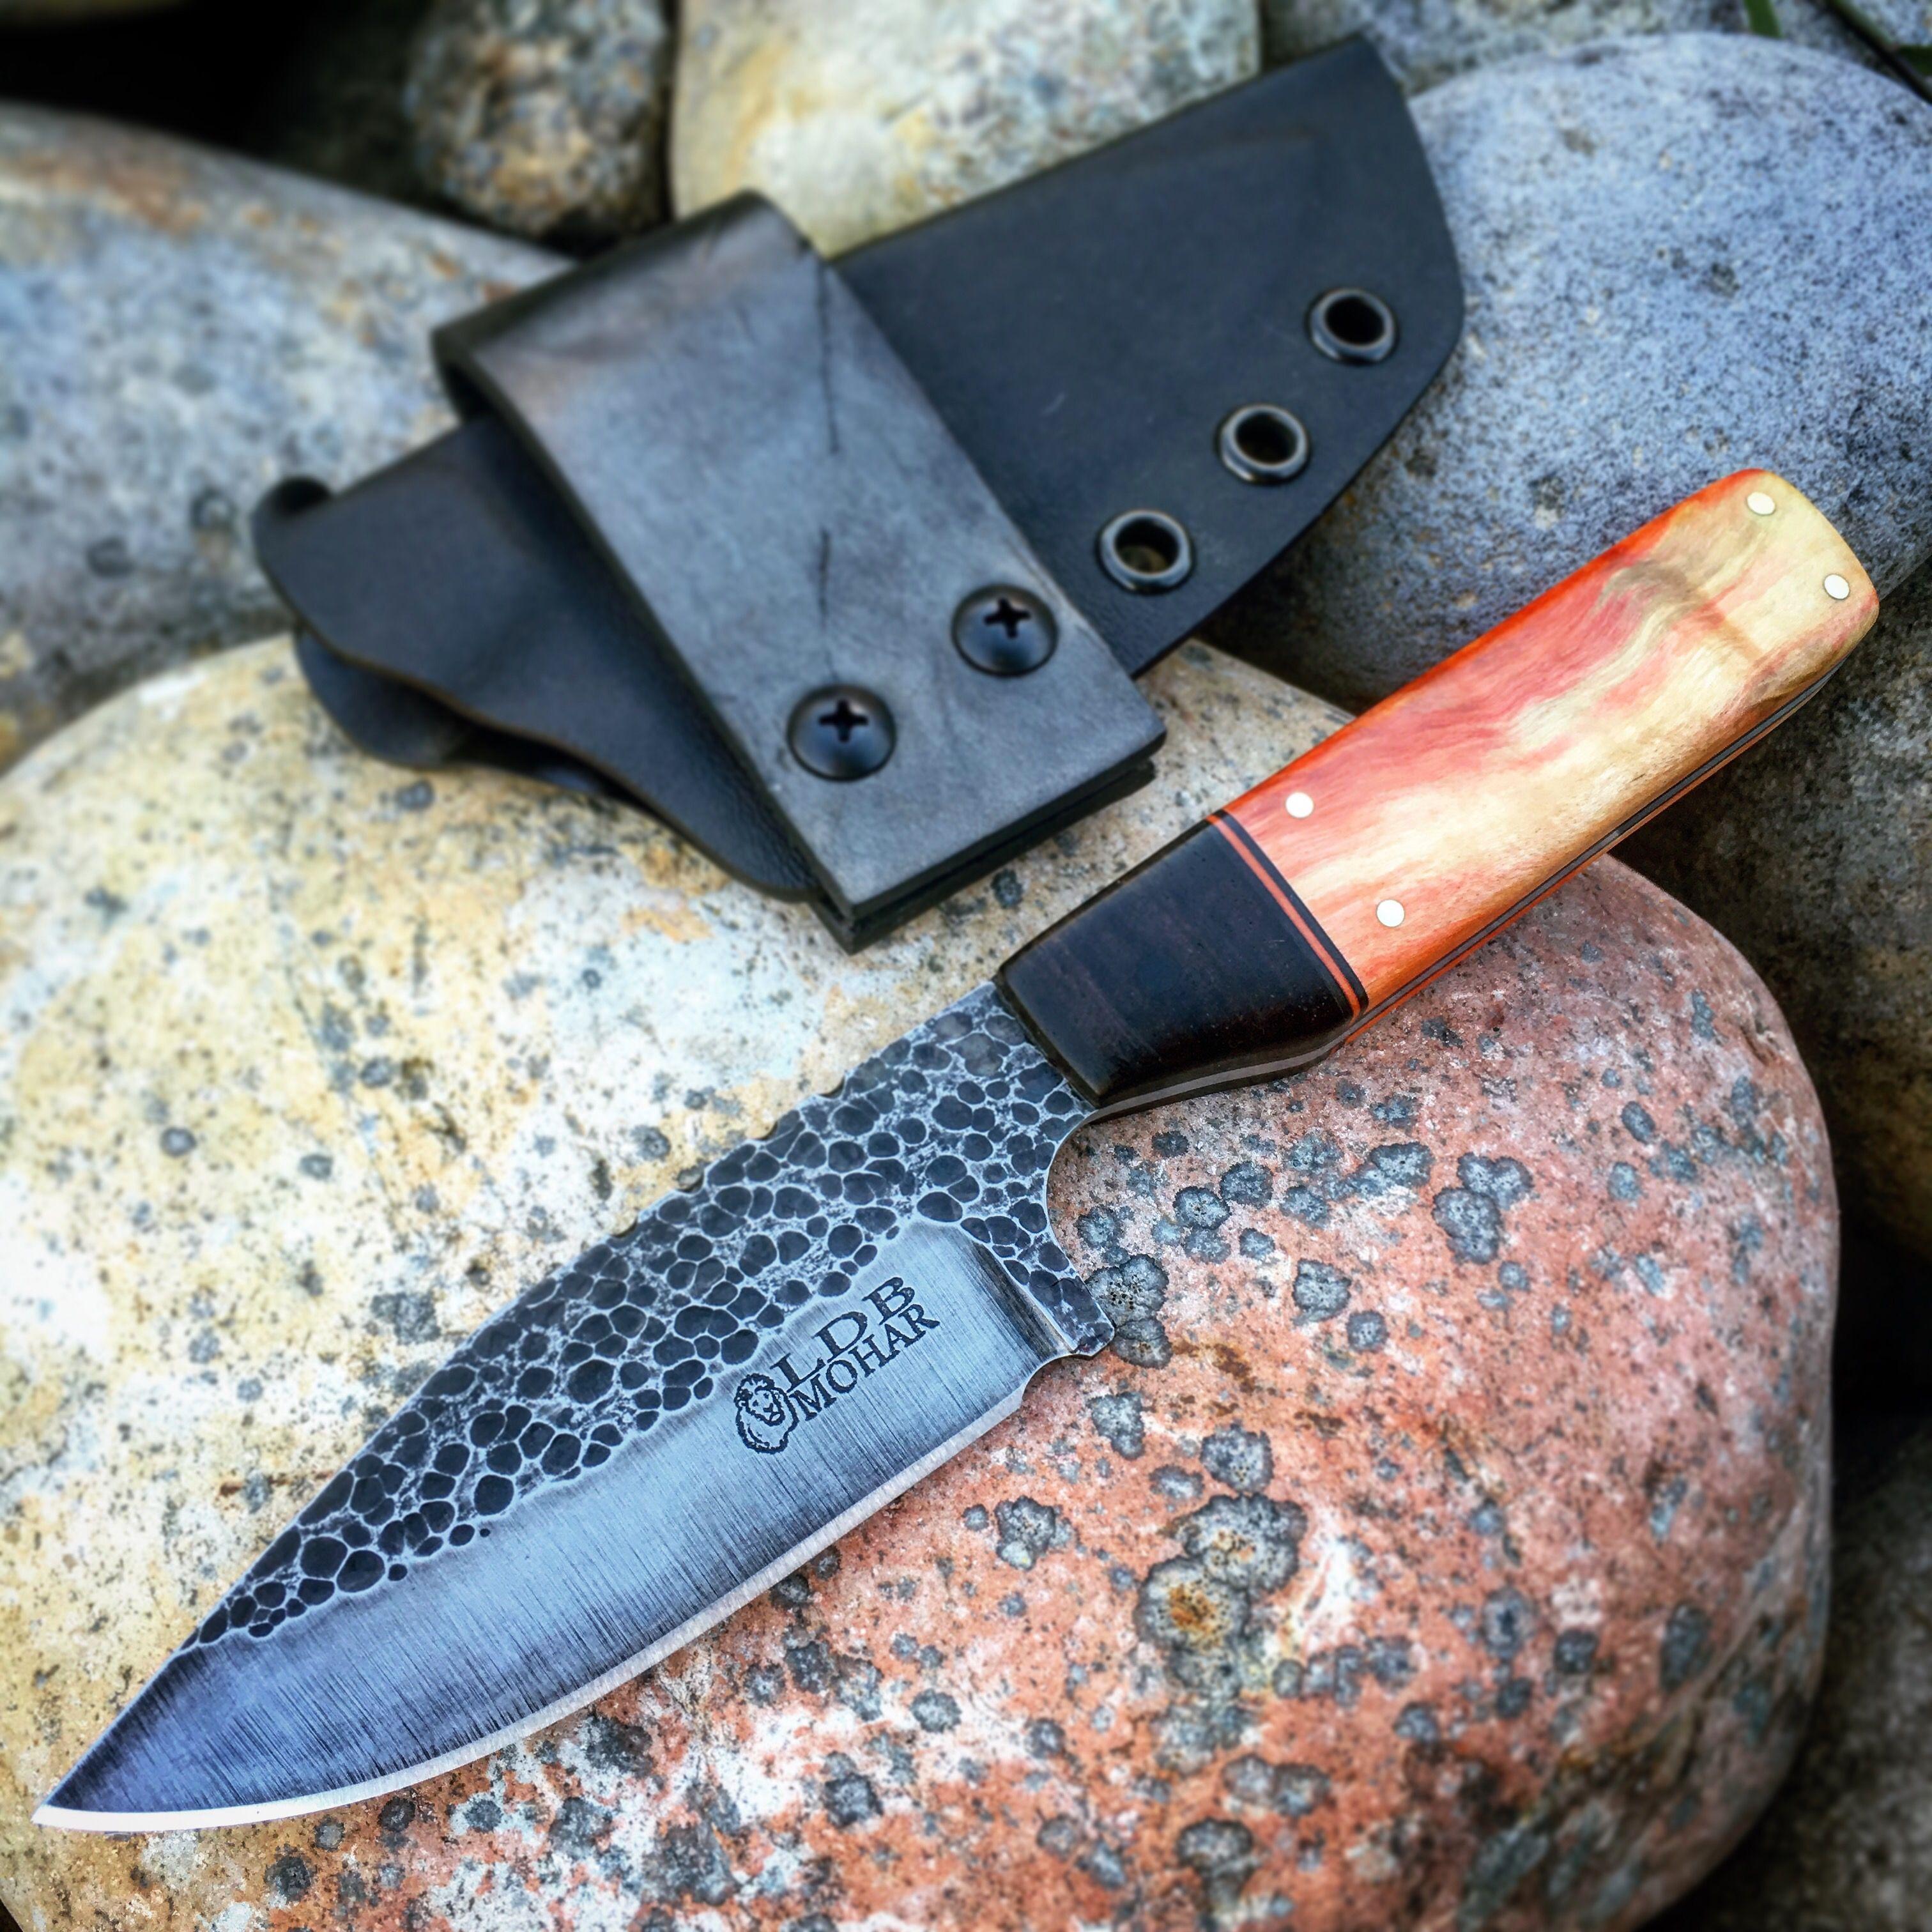 Edc knife makingcustom